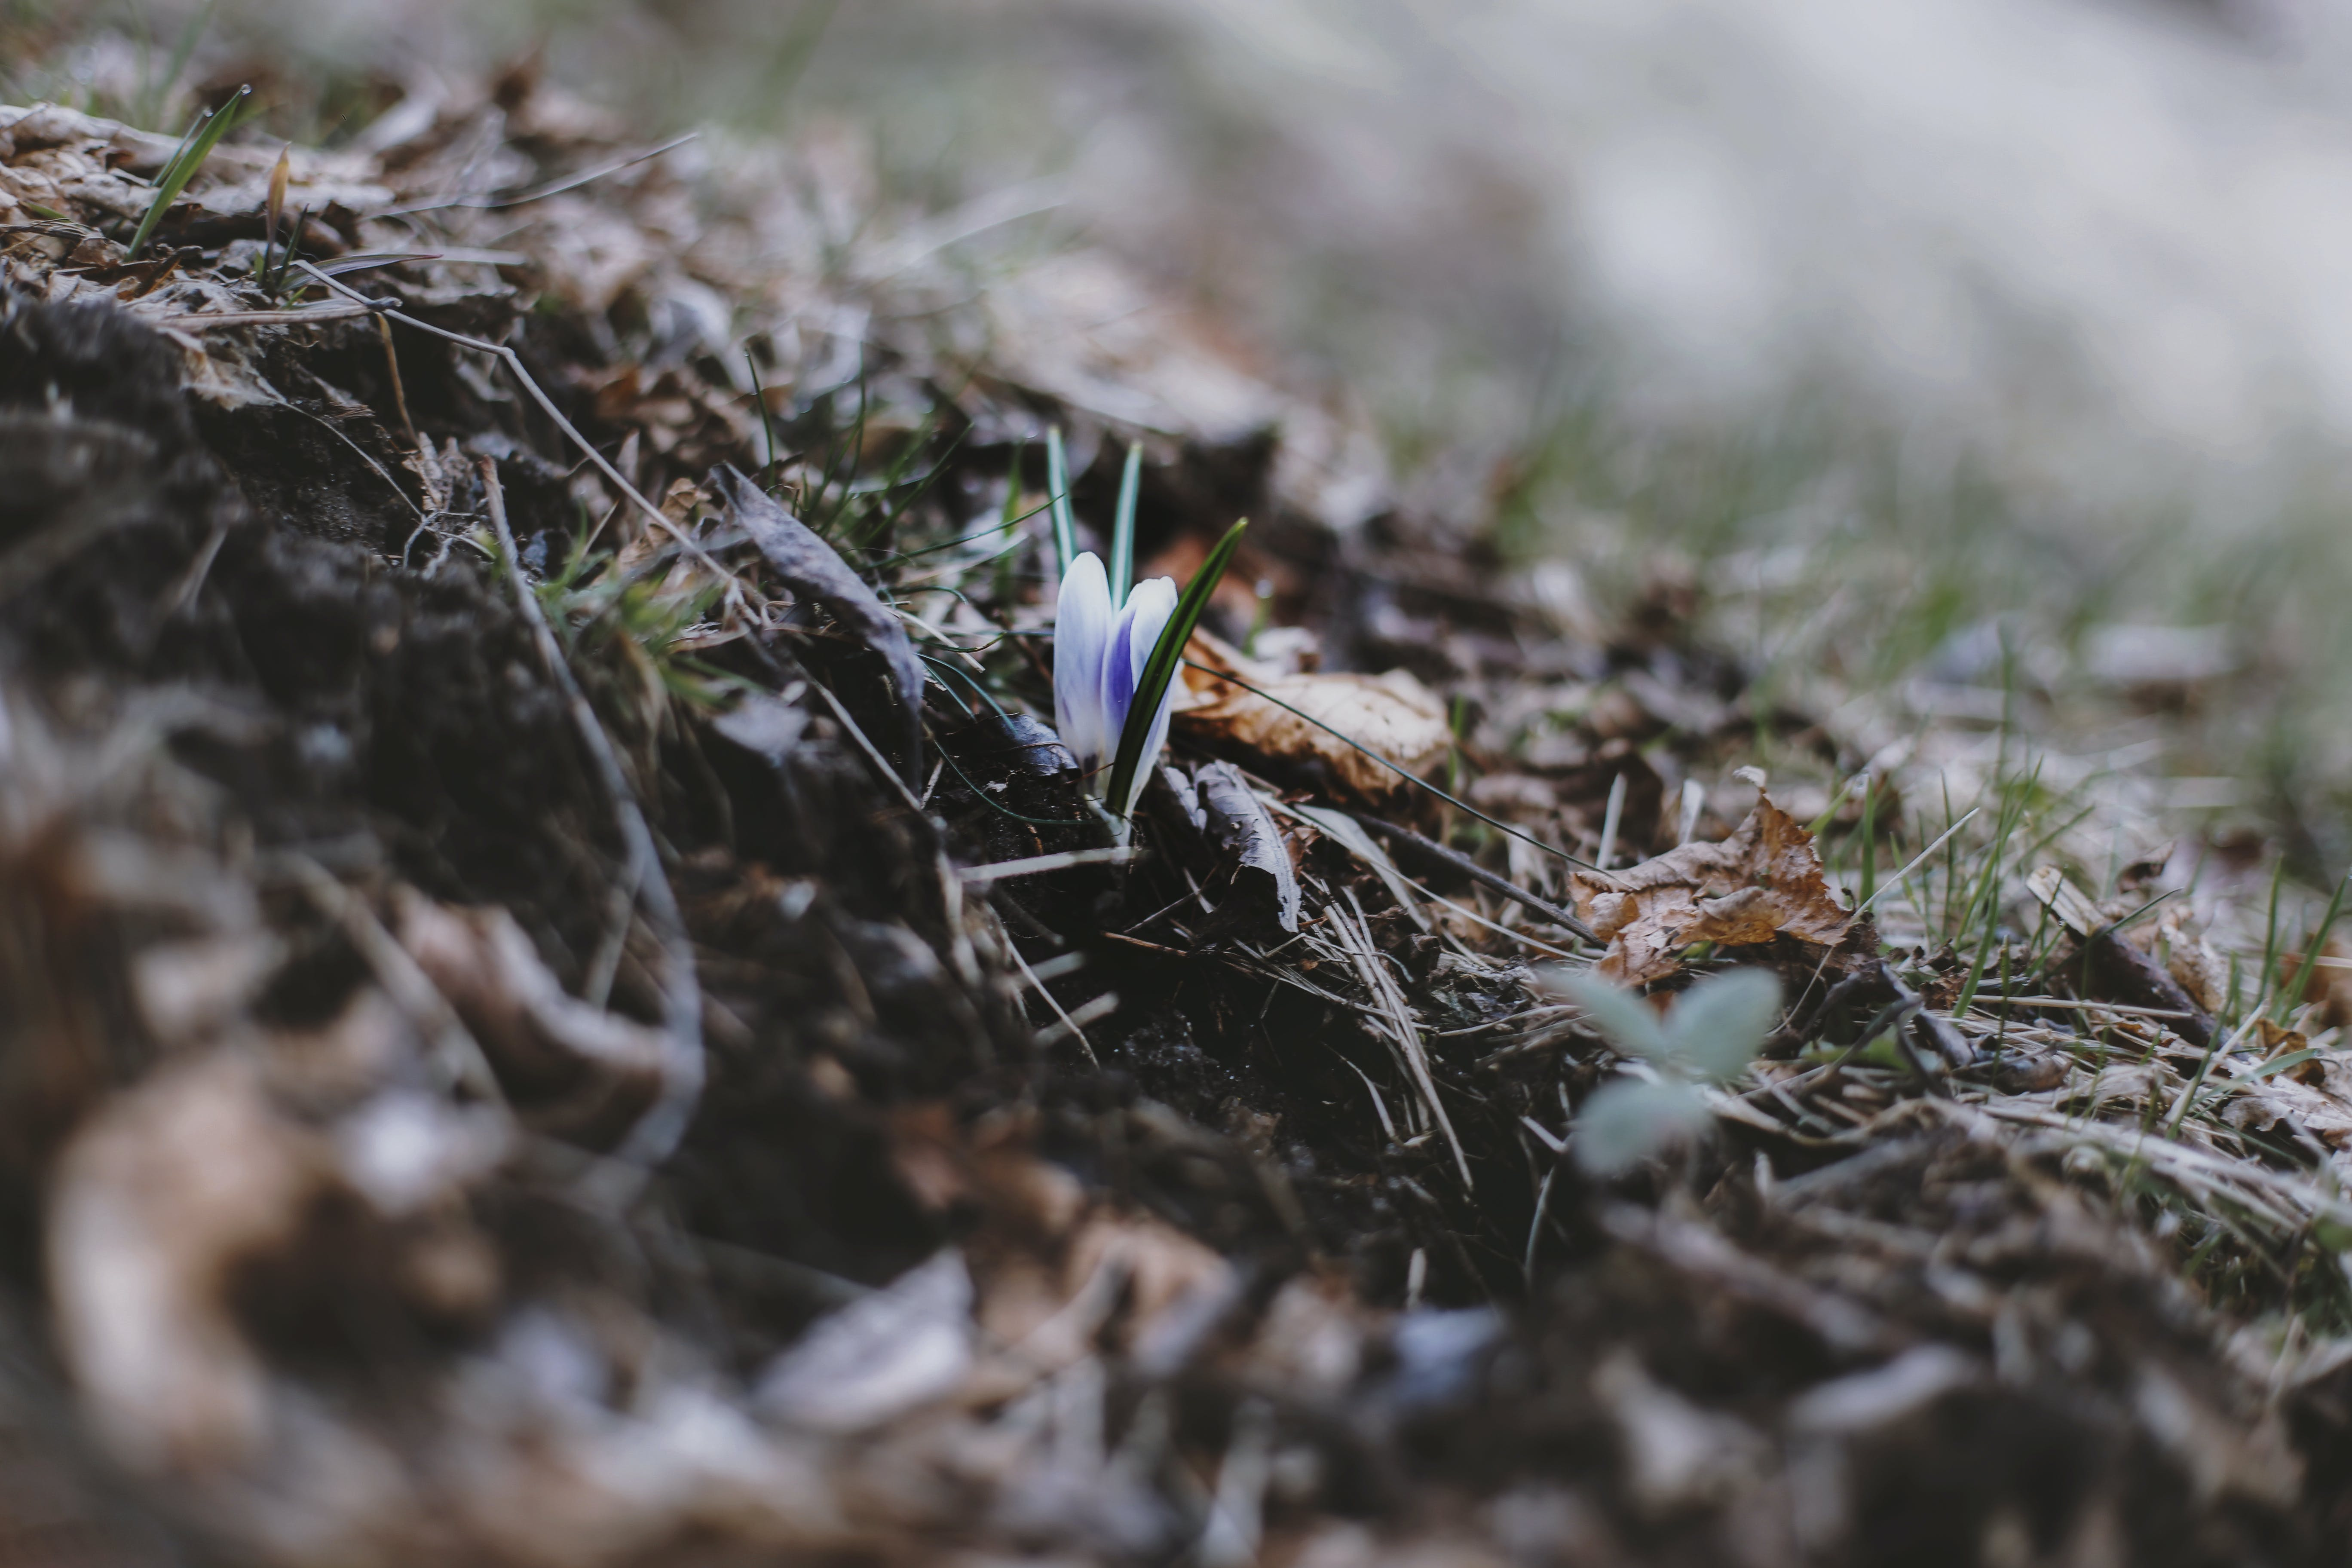 bitki örtüsü, bulanıklık, çekilmiş, çevre içeren Ücretsiz stok fotoğraf